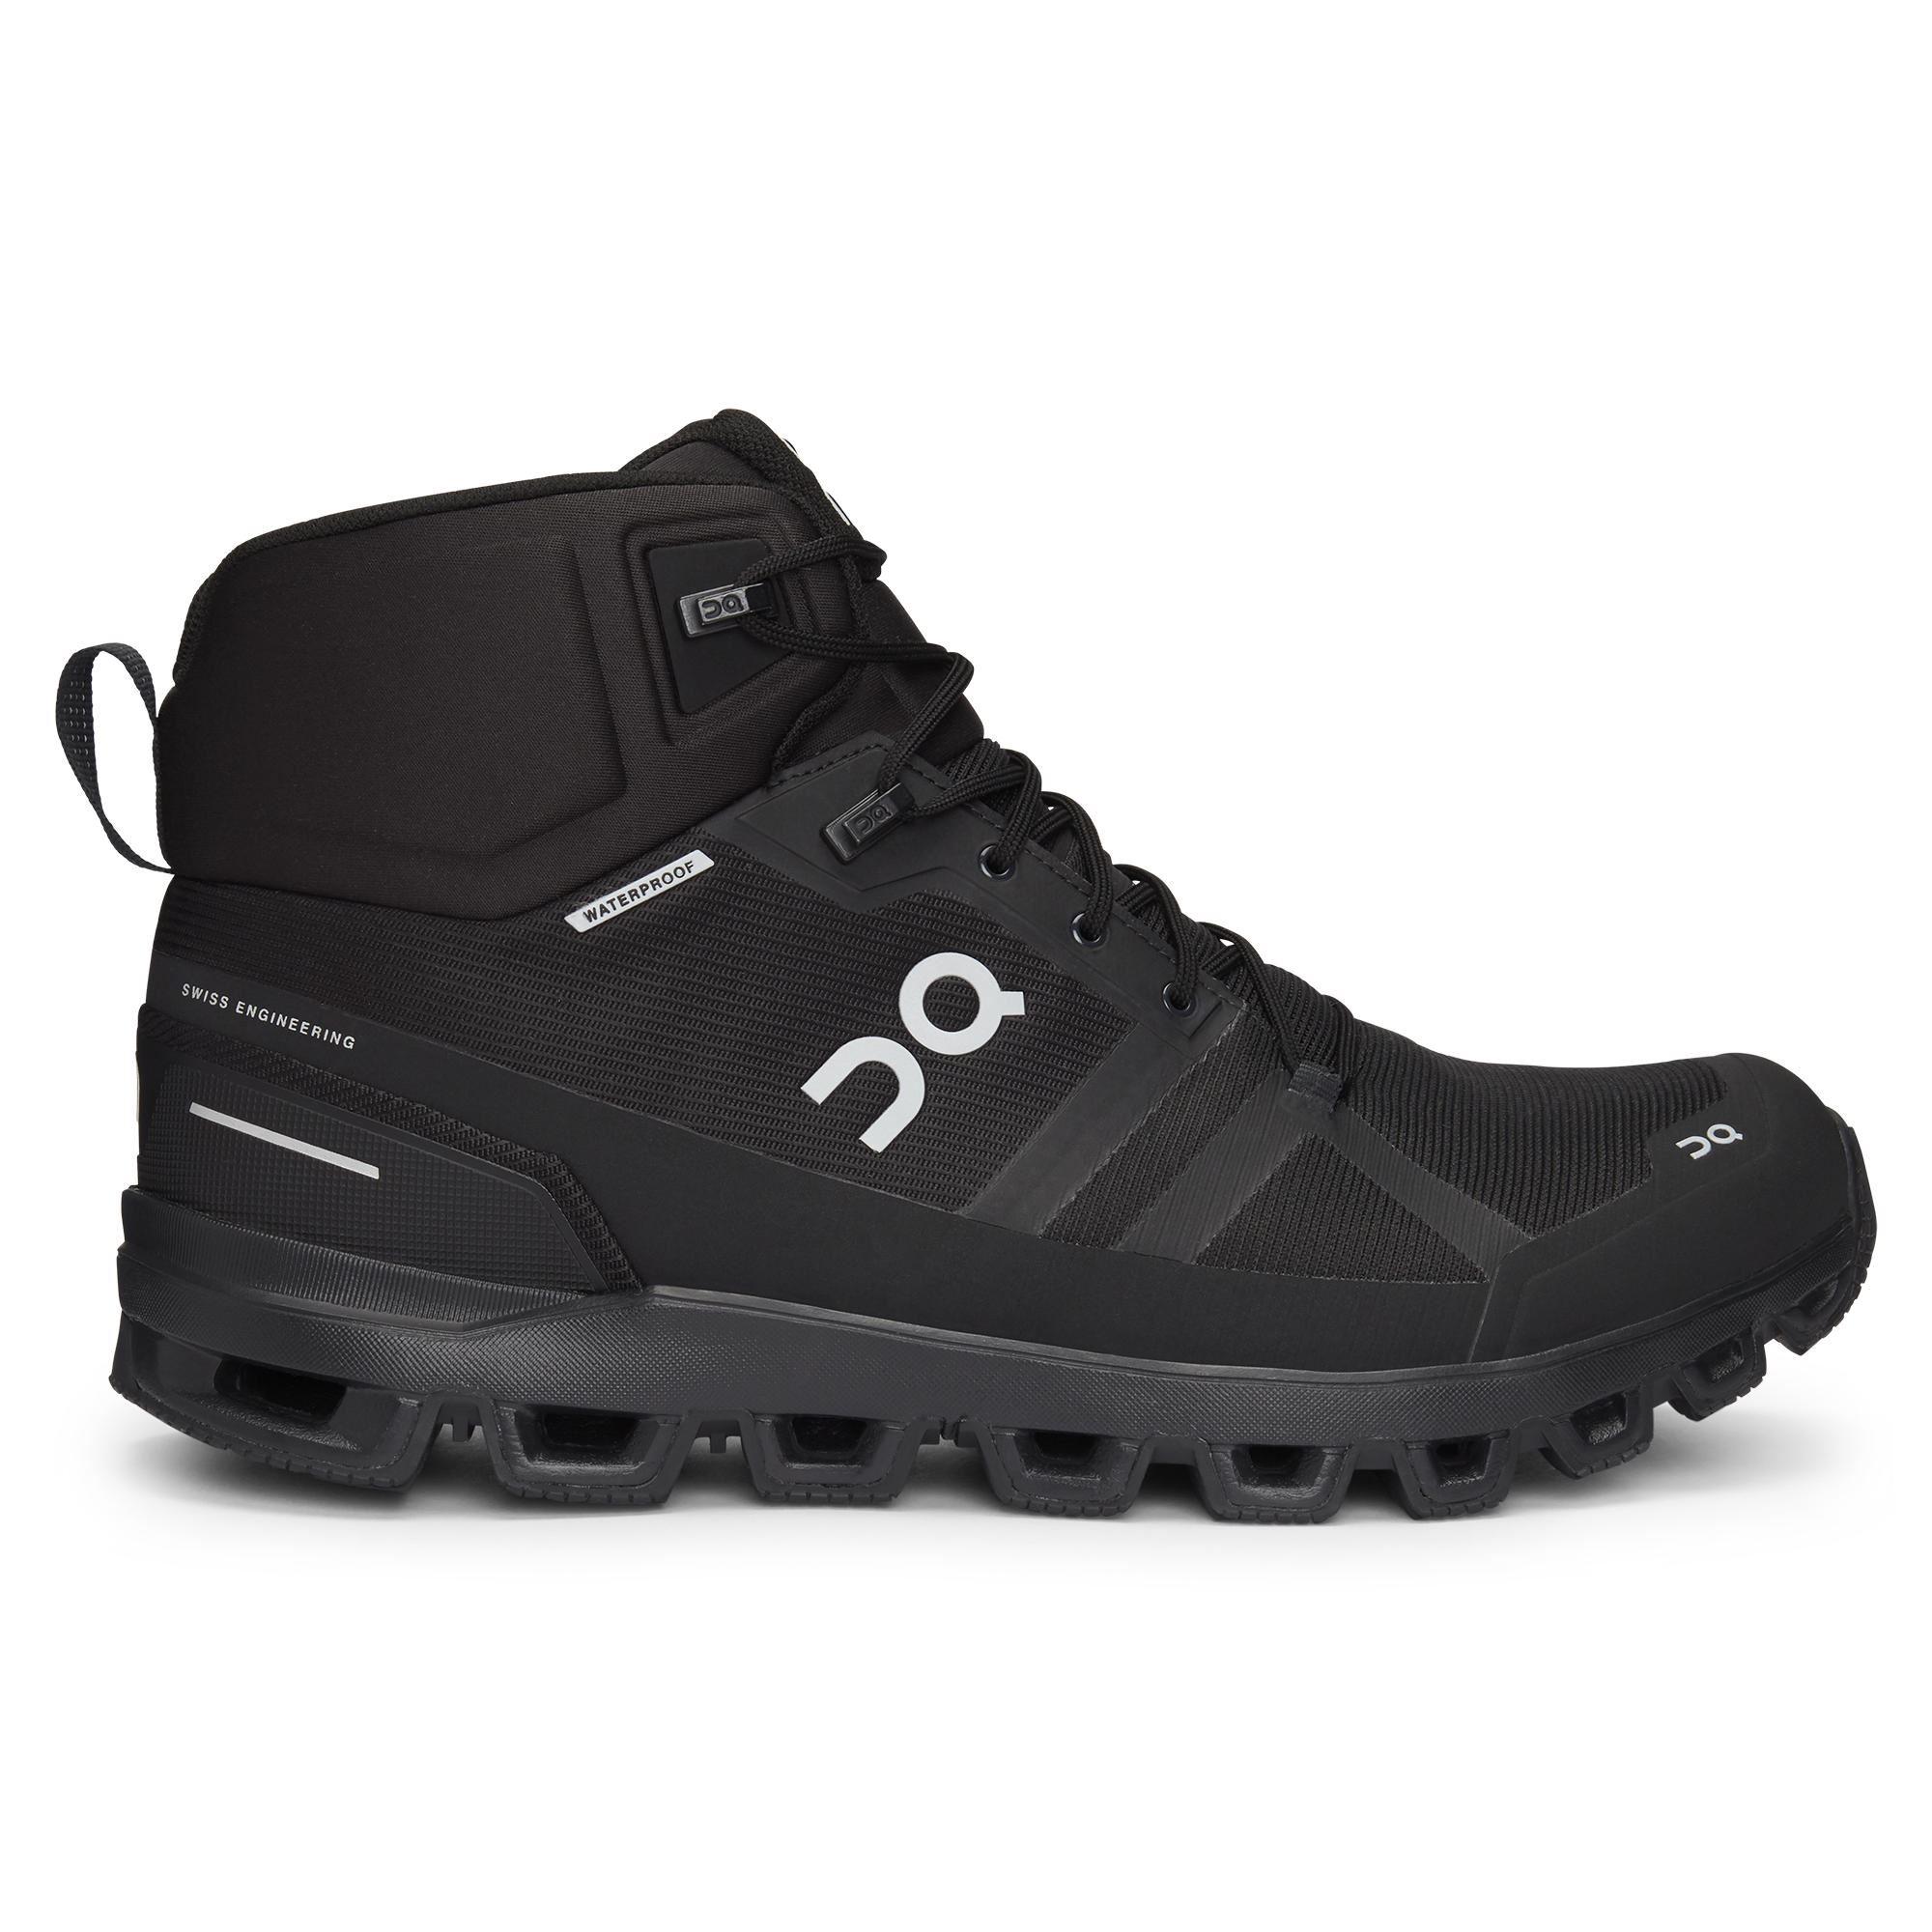 Cloudrock Waterproof Boot - Men's